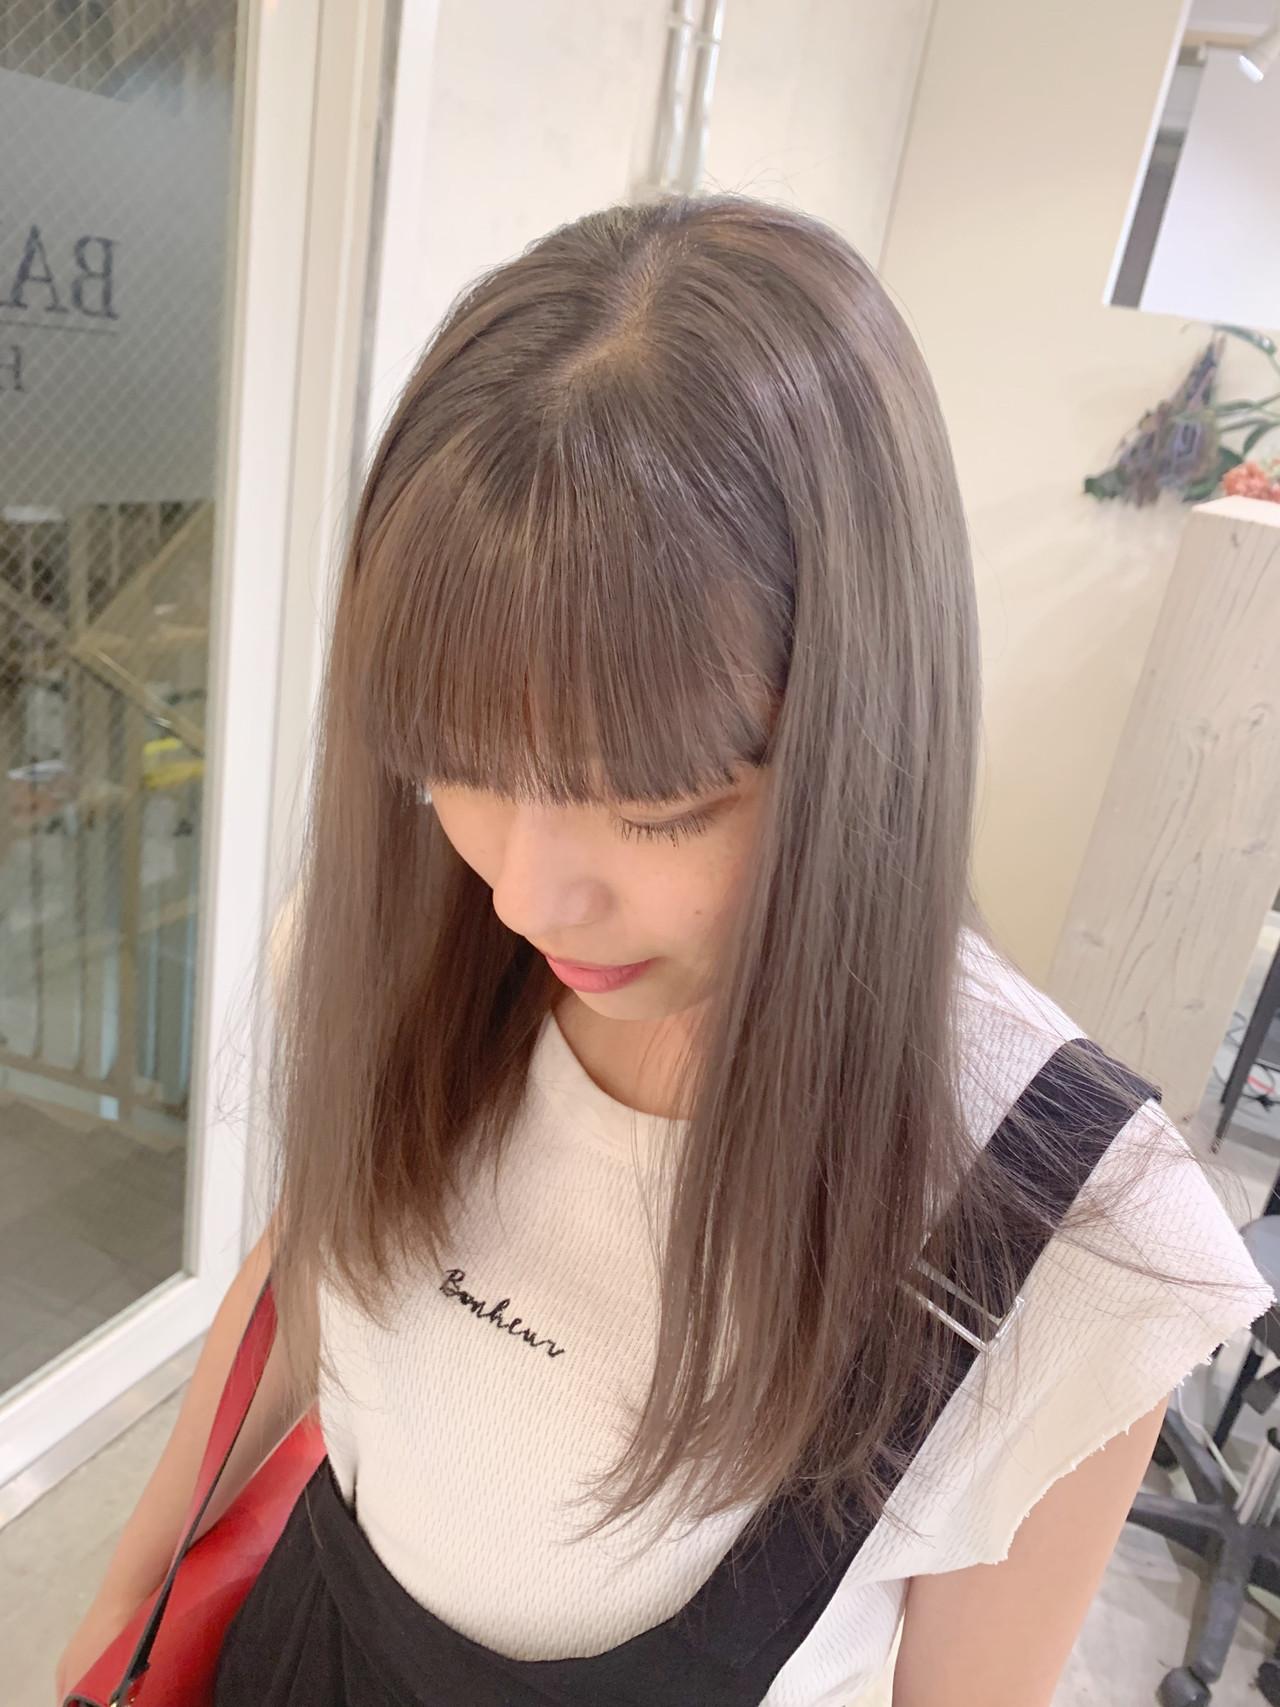 ナチュラル セミロング ヘアアレンジ 簡単ヘアアレンジ ヘアスタイルや髪型の写真・画像 | 寺坂 雄飛 / banks hair